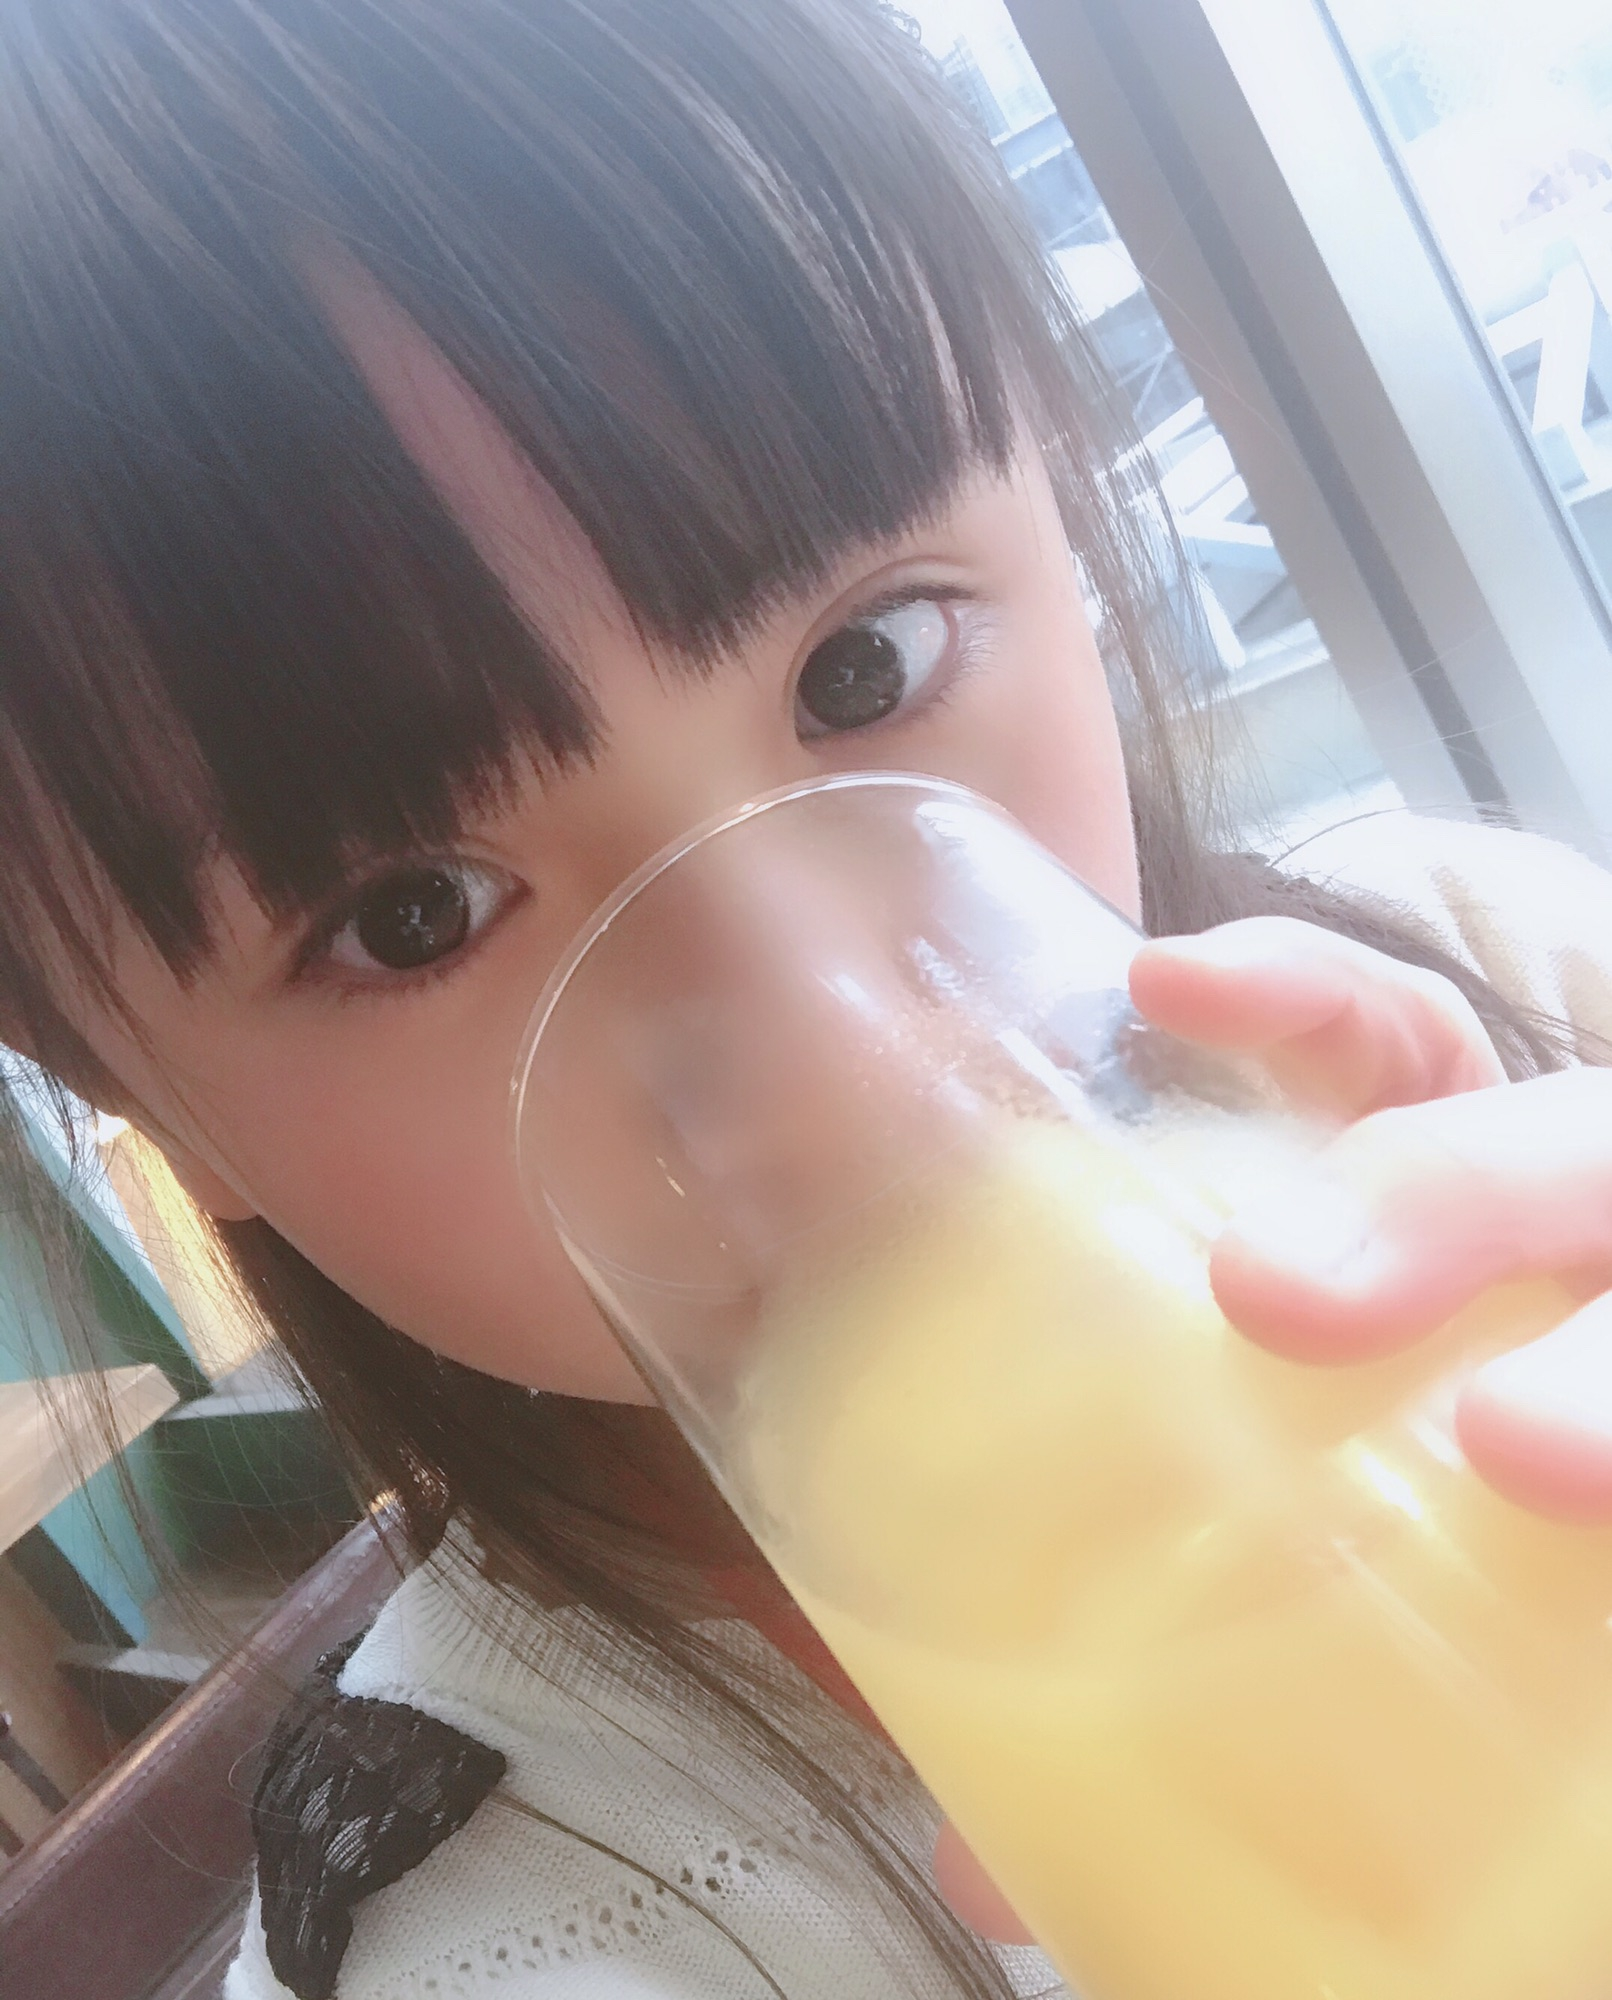 【悲報】Cカップの10歳女子が見つかり、殆どのケンモメンが勃起中  [412937765]->画像>30枚